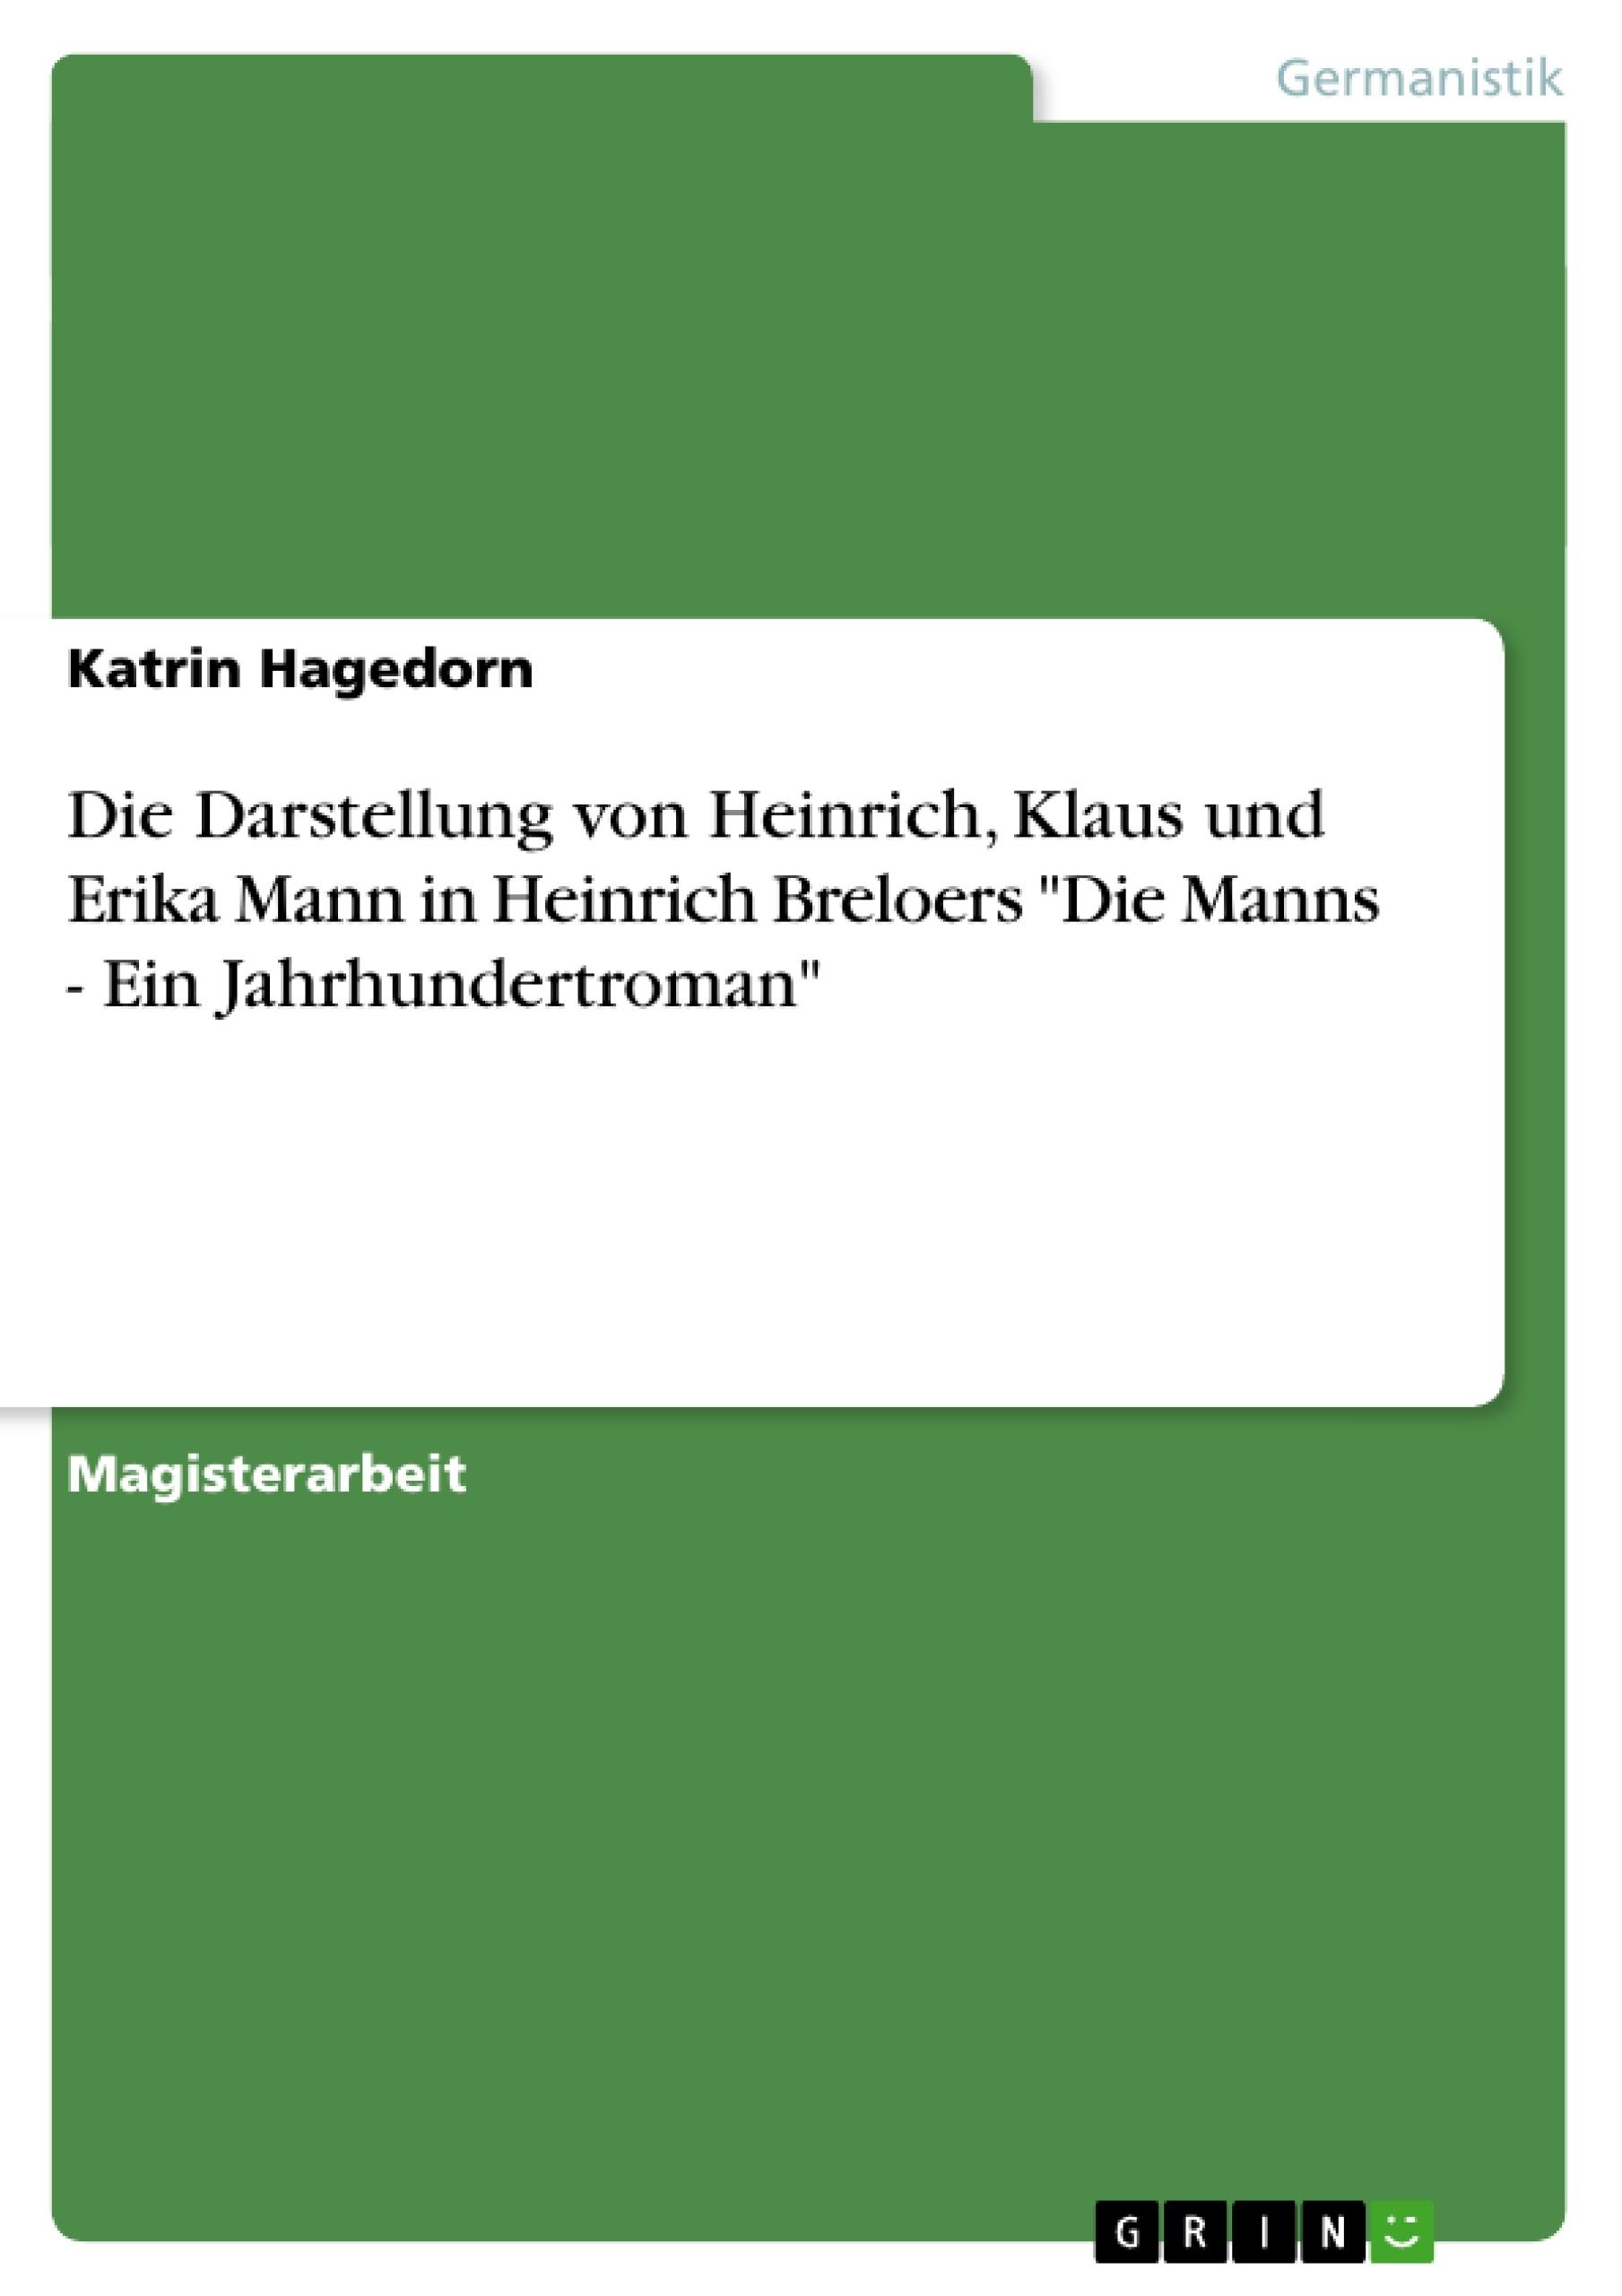 """Titel: Die Darstellung von Heinrich, Klaus und Erika Mann in Heinrich Breloers """"Die Manns - Ein Jahrhundertroman"""""""